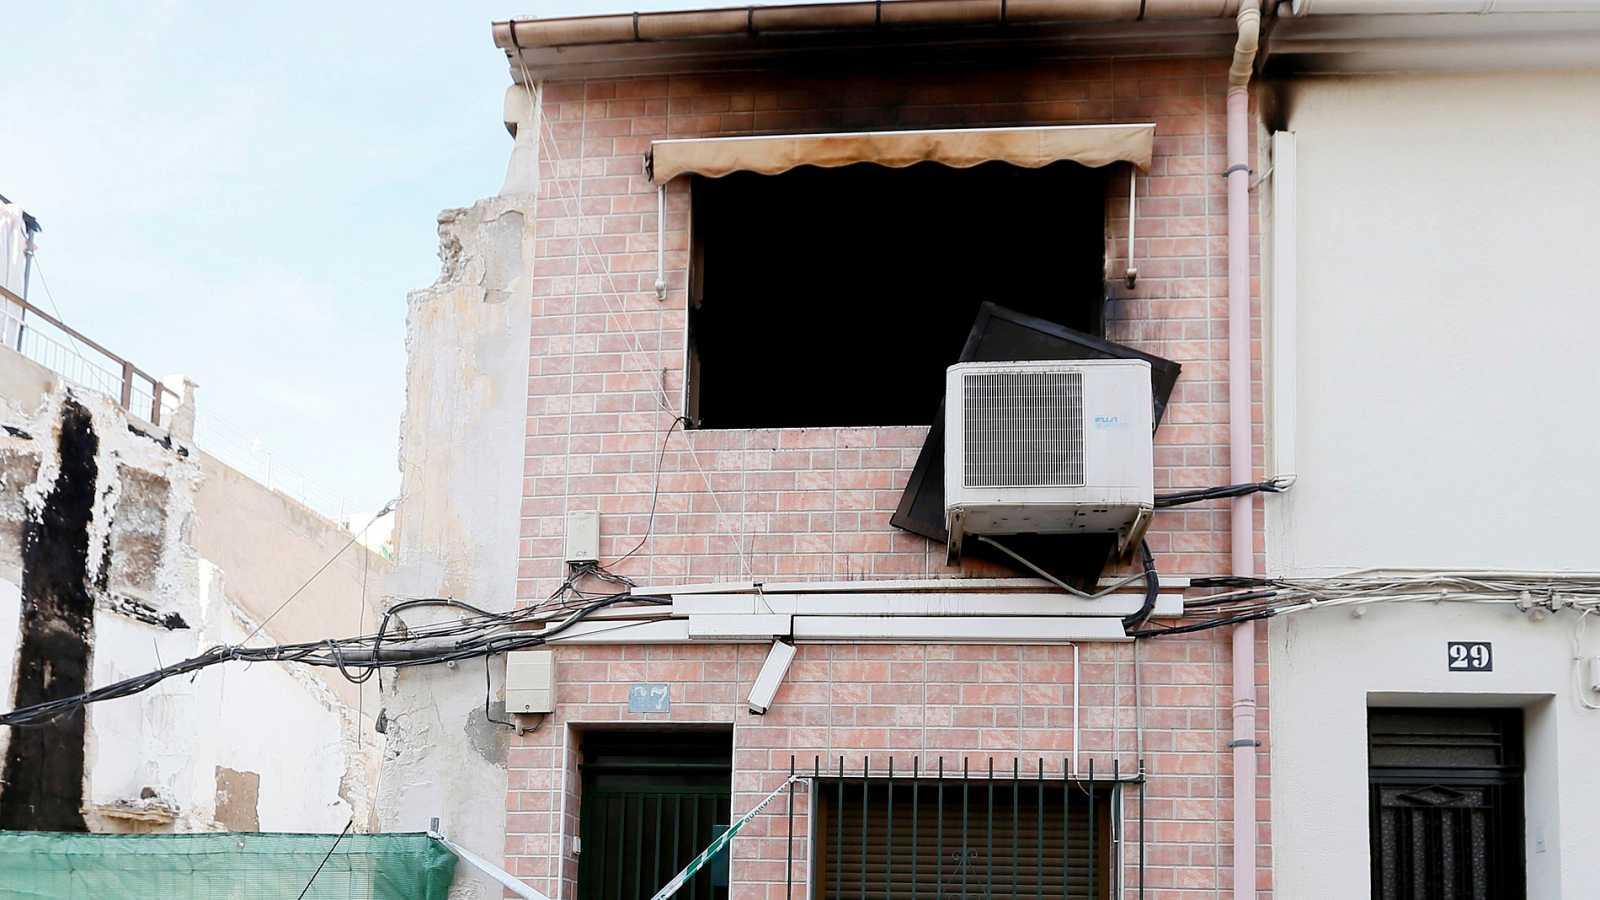 Un matrimonio italiano muere en el incendio de su vivienda en Sant Joan d'Alacant